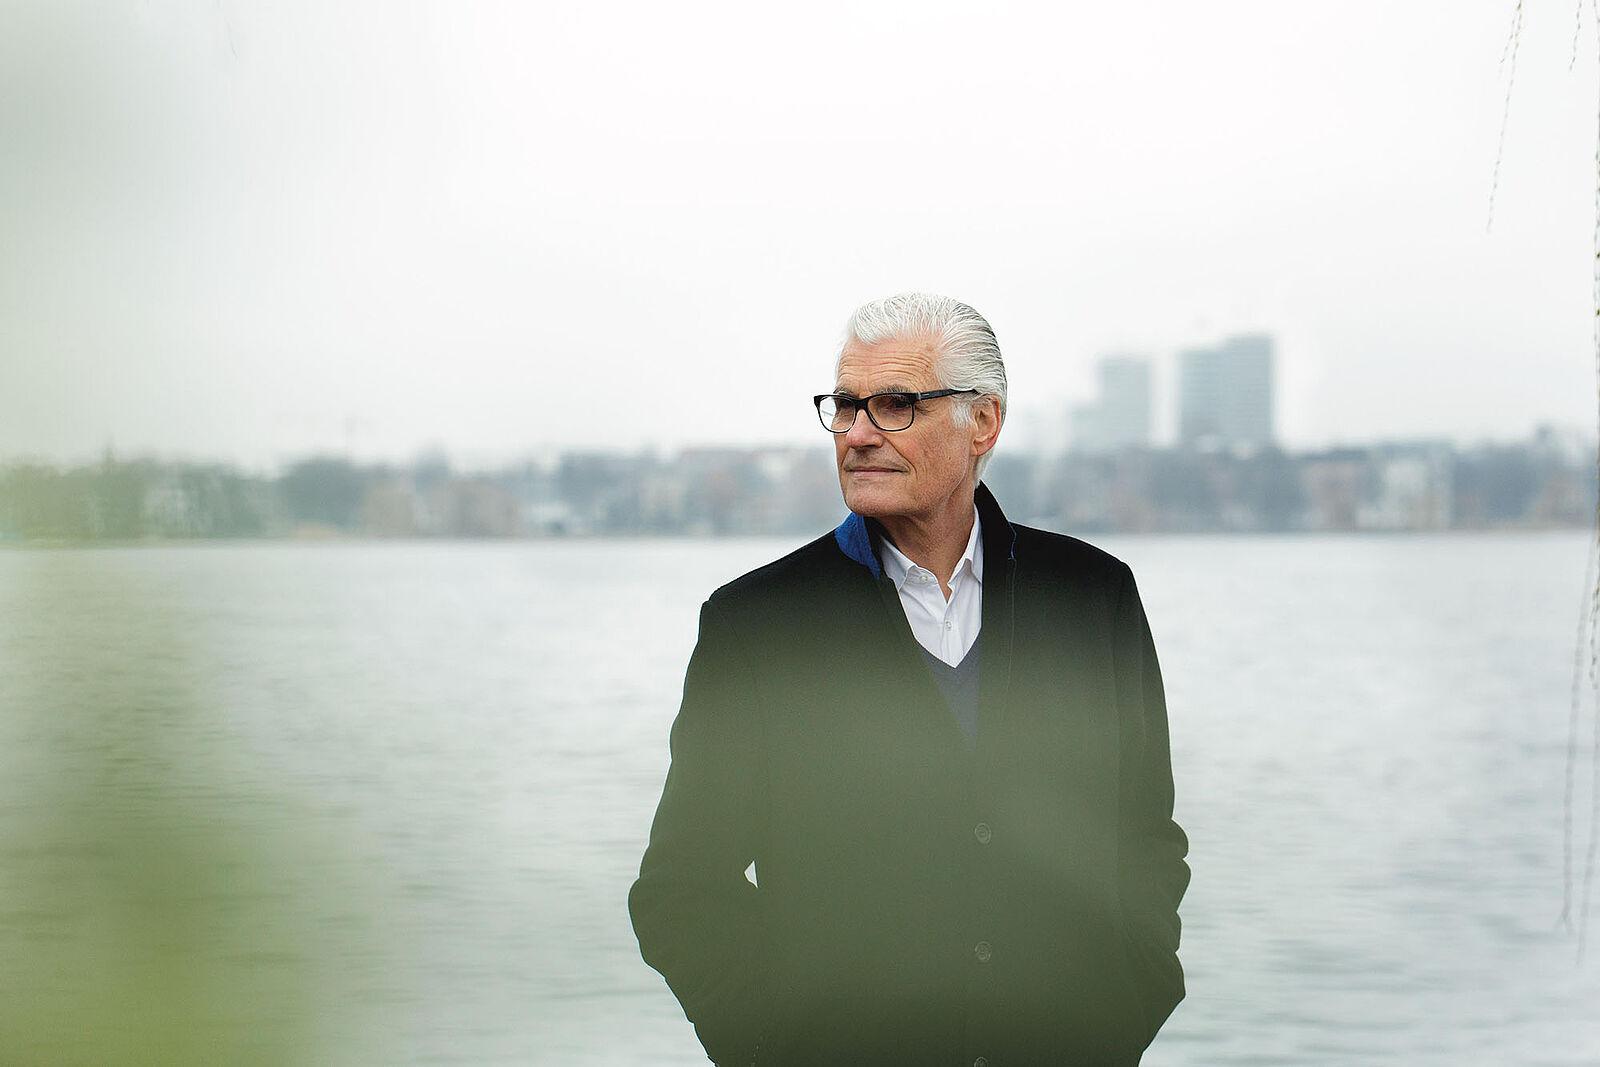 Bild von Schauspieler Sky Du Mont, der in einem schwarzen Mantel vor dem Rhein steht und in die Ferne blickt.